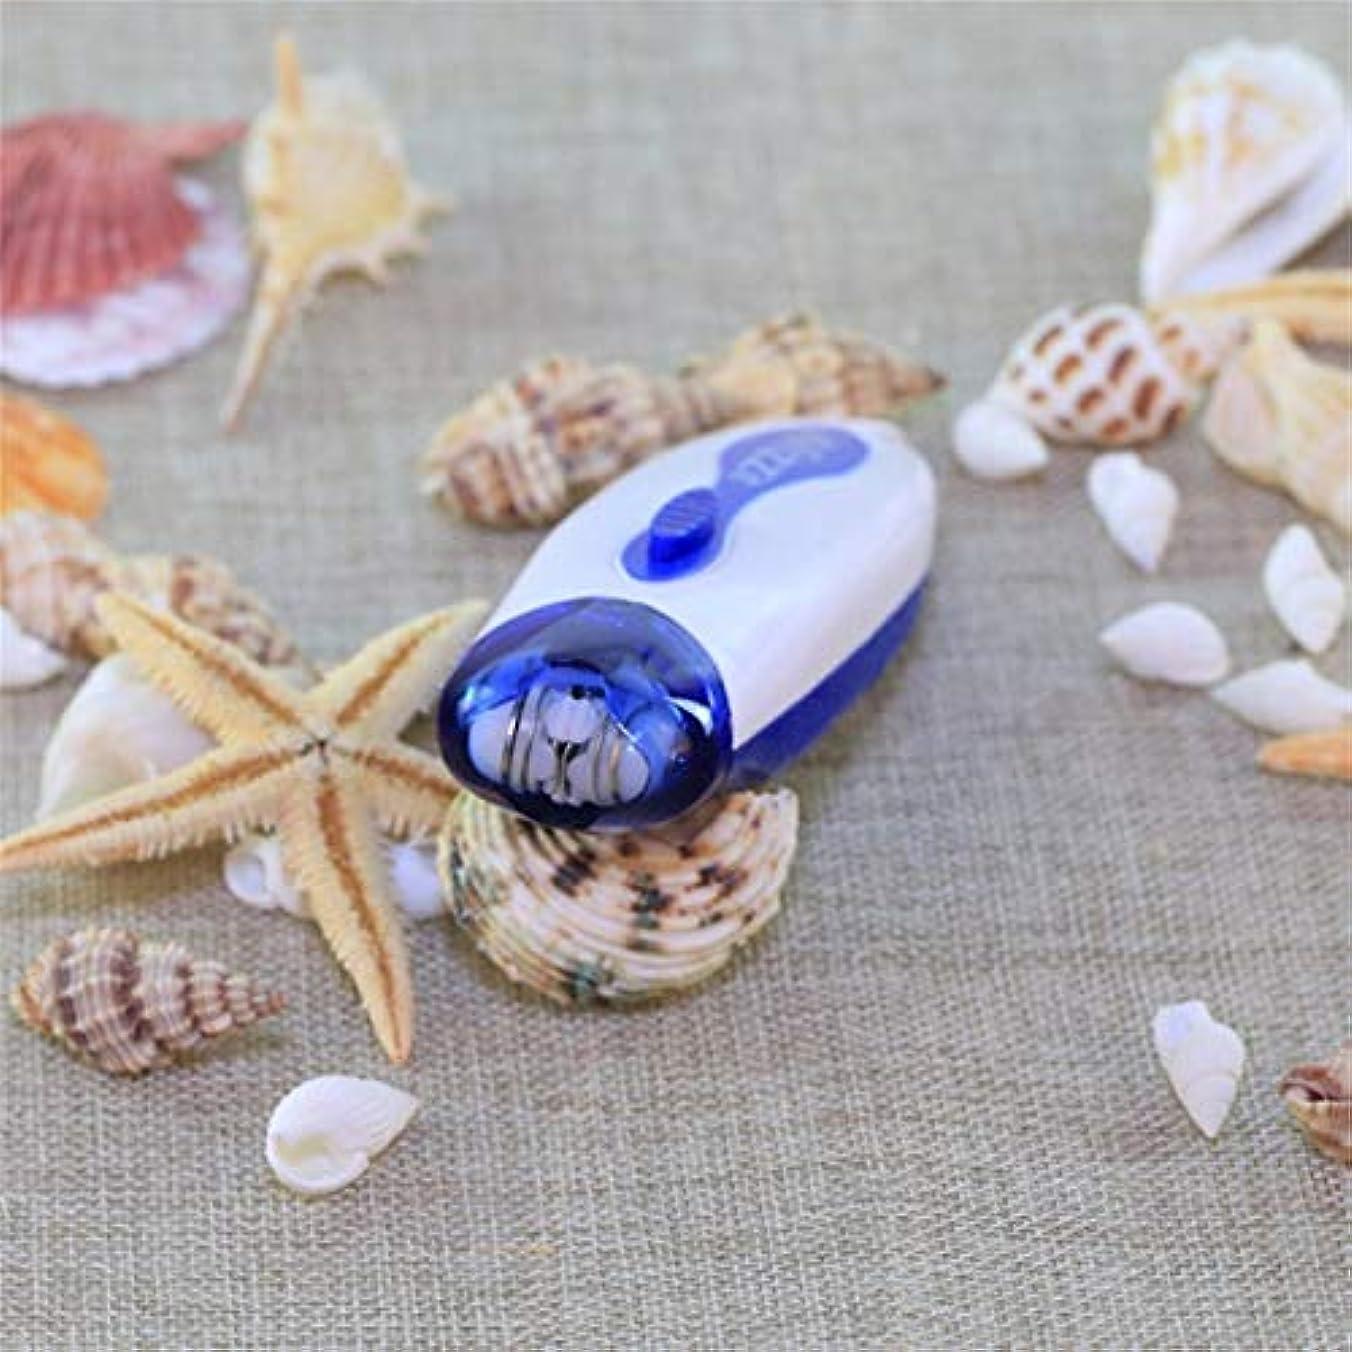 一族誘う永久Wizzit Electric Epilator Hair Shaving Device Tweezers Hair Removal Epilator Remover Depilating Machine Tool